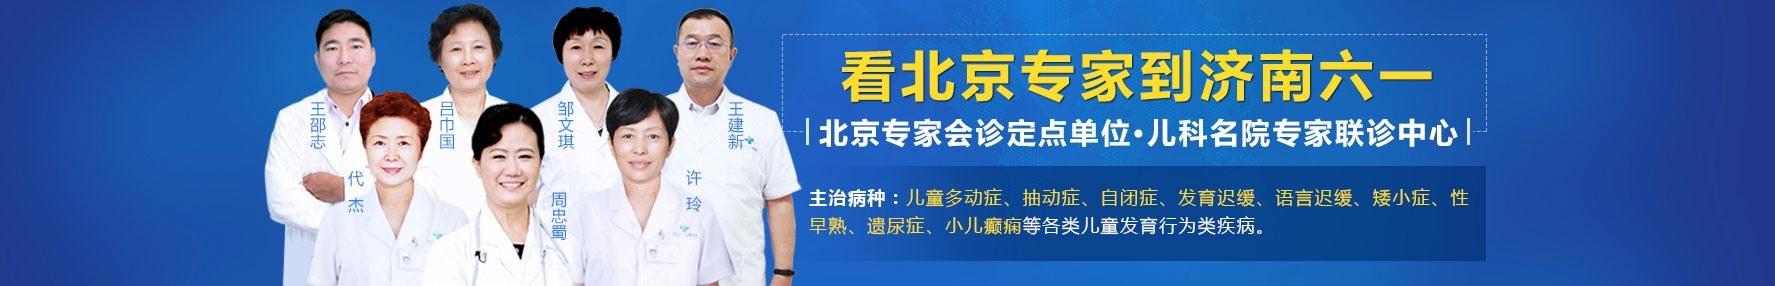 北京儿科专家会诊咨询